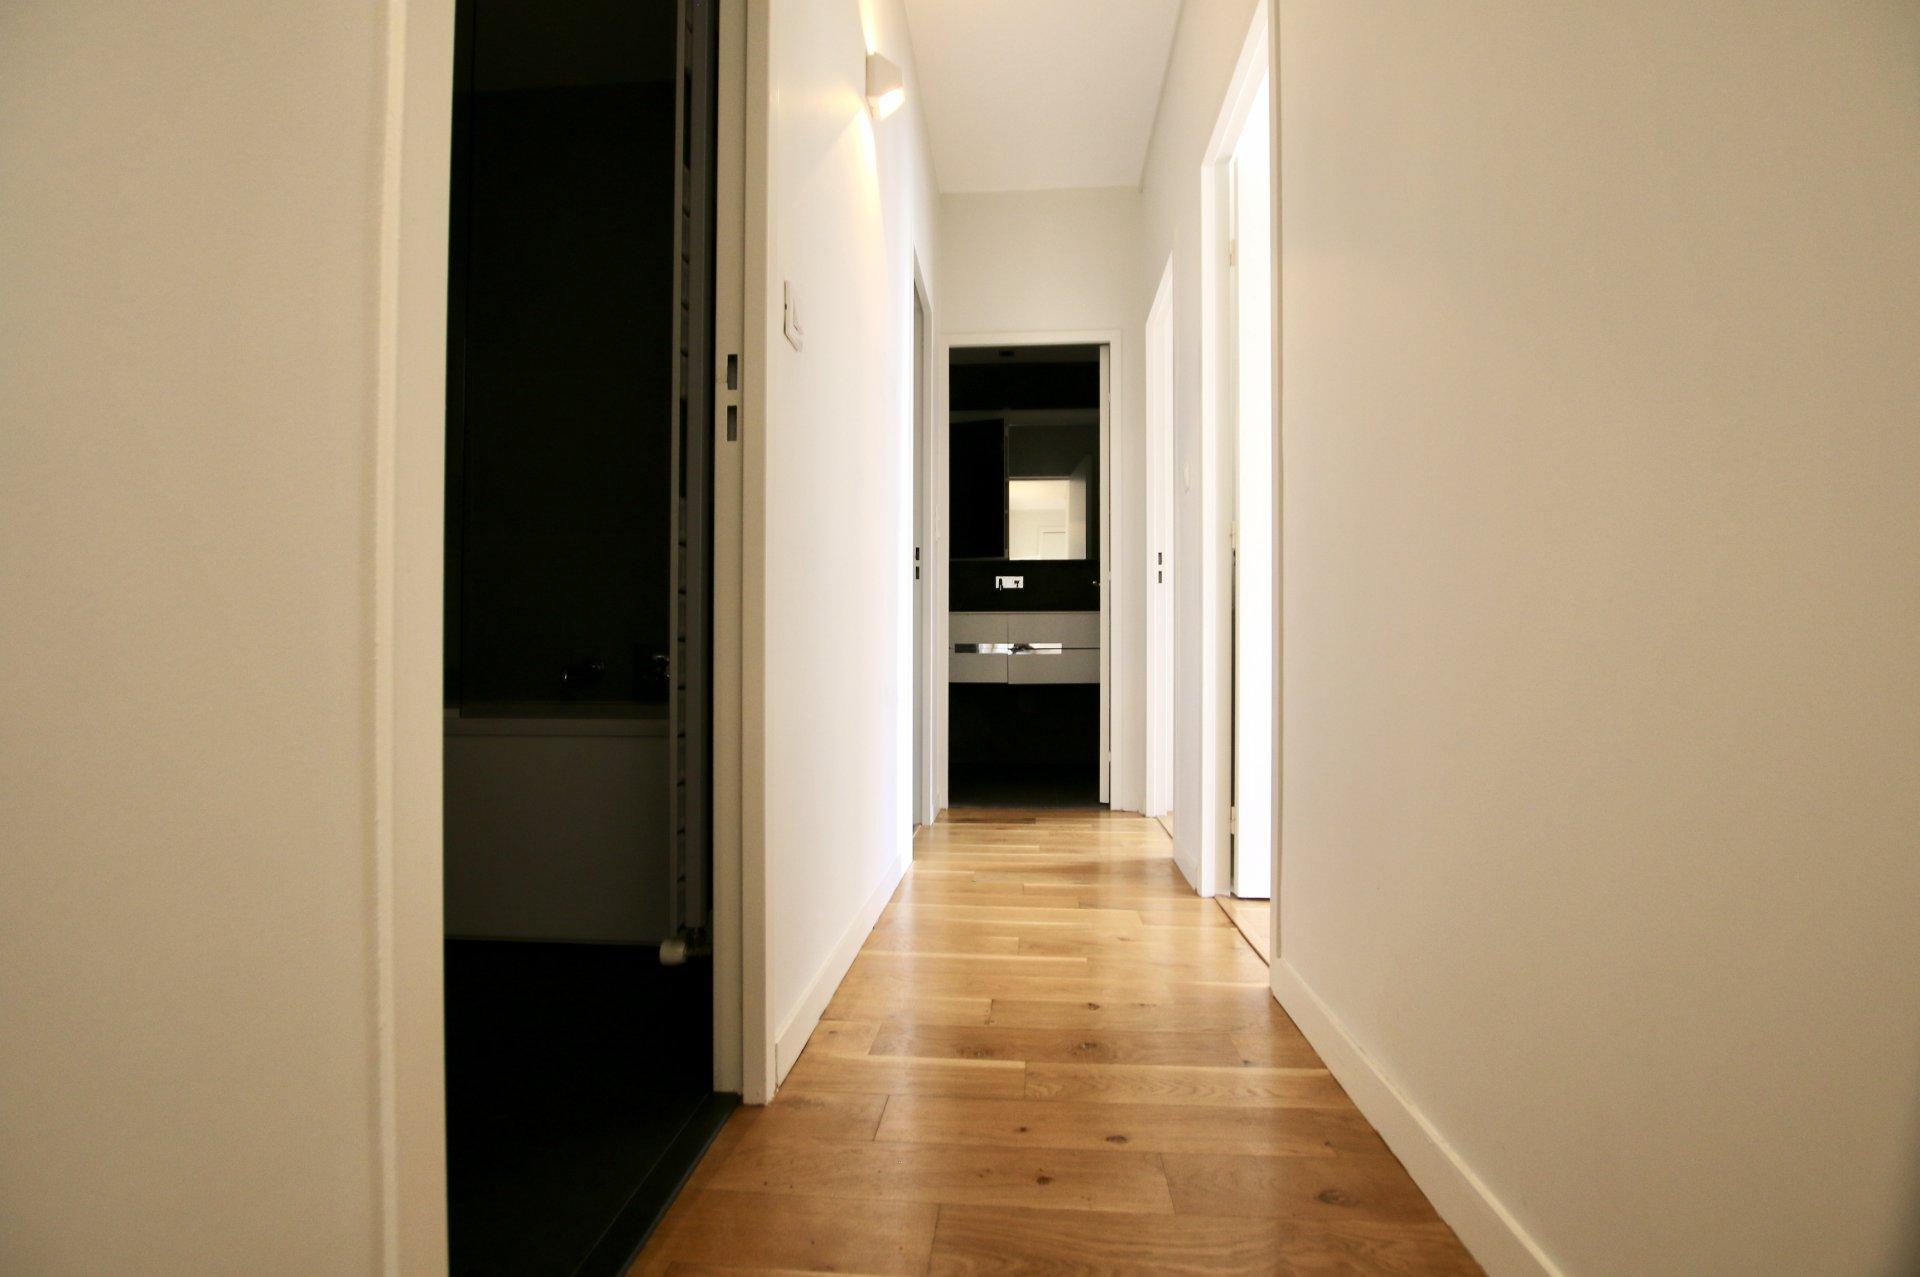 Appartement T5 - 150m2 avec ascenseur - Carmes / Garonne